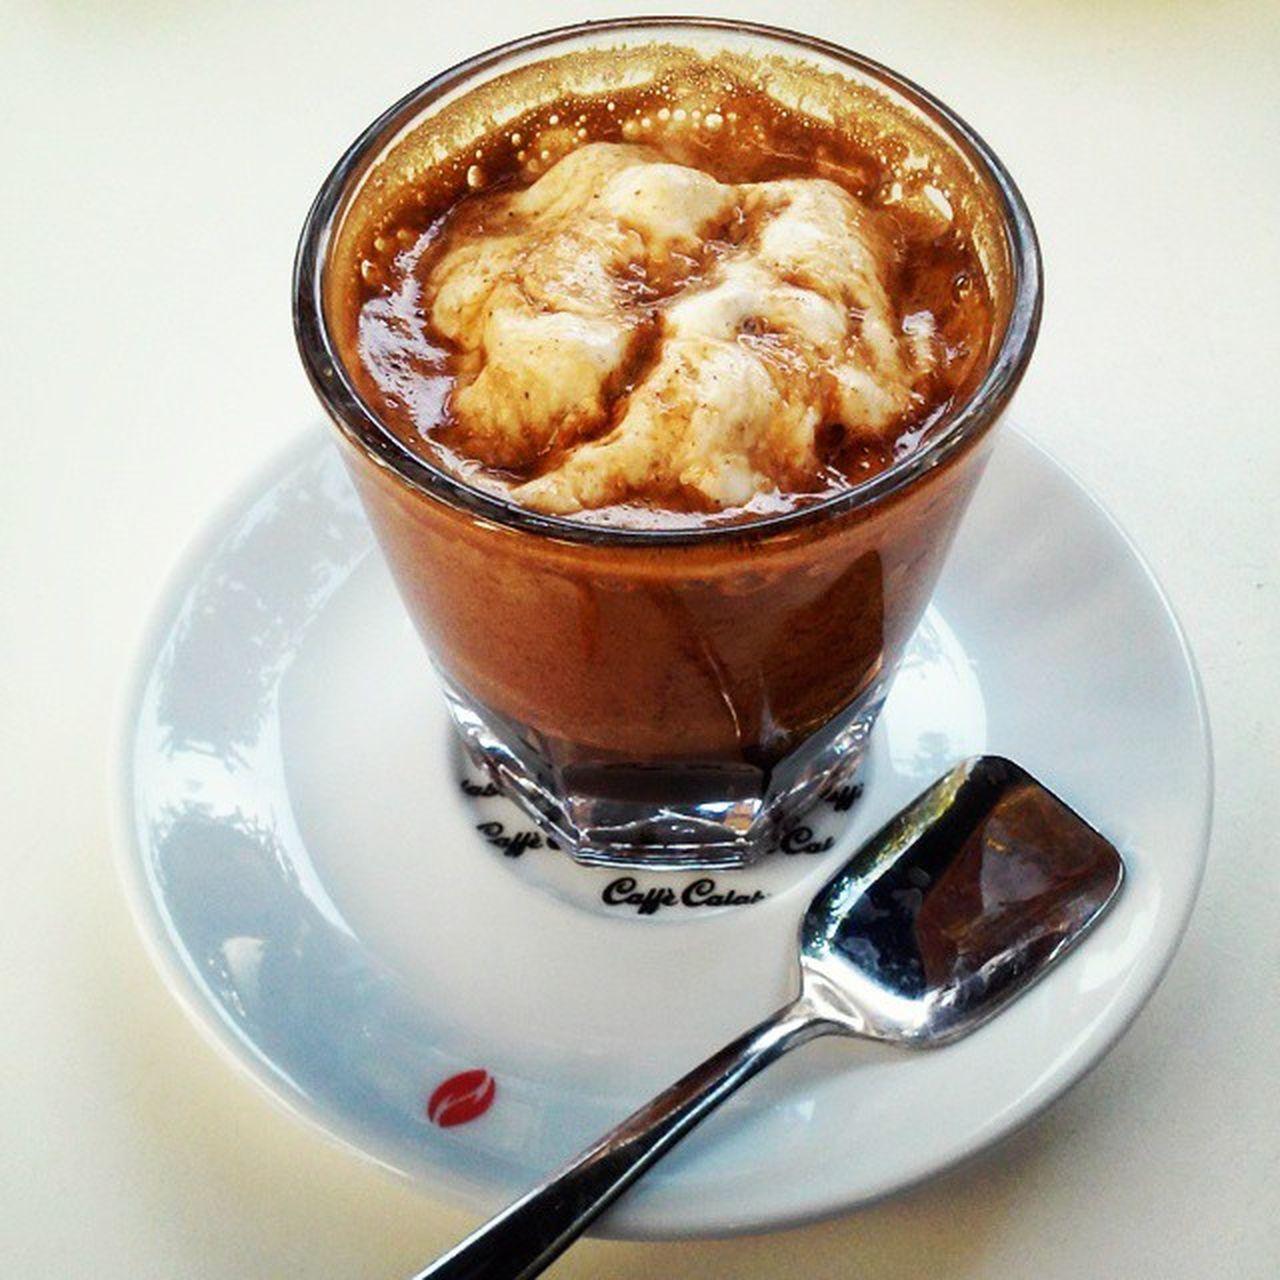 Doppio Espresso Con Panna Caffecalabria Doppioconpanna Sandiego Northpark